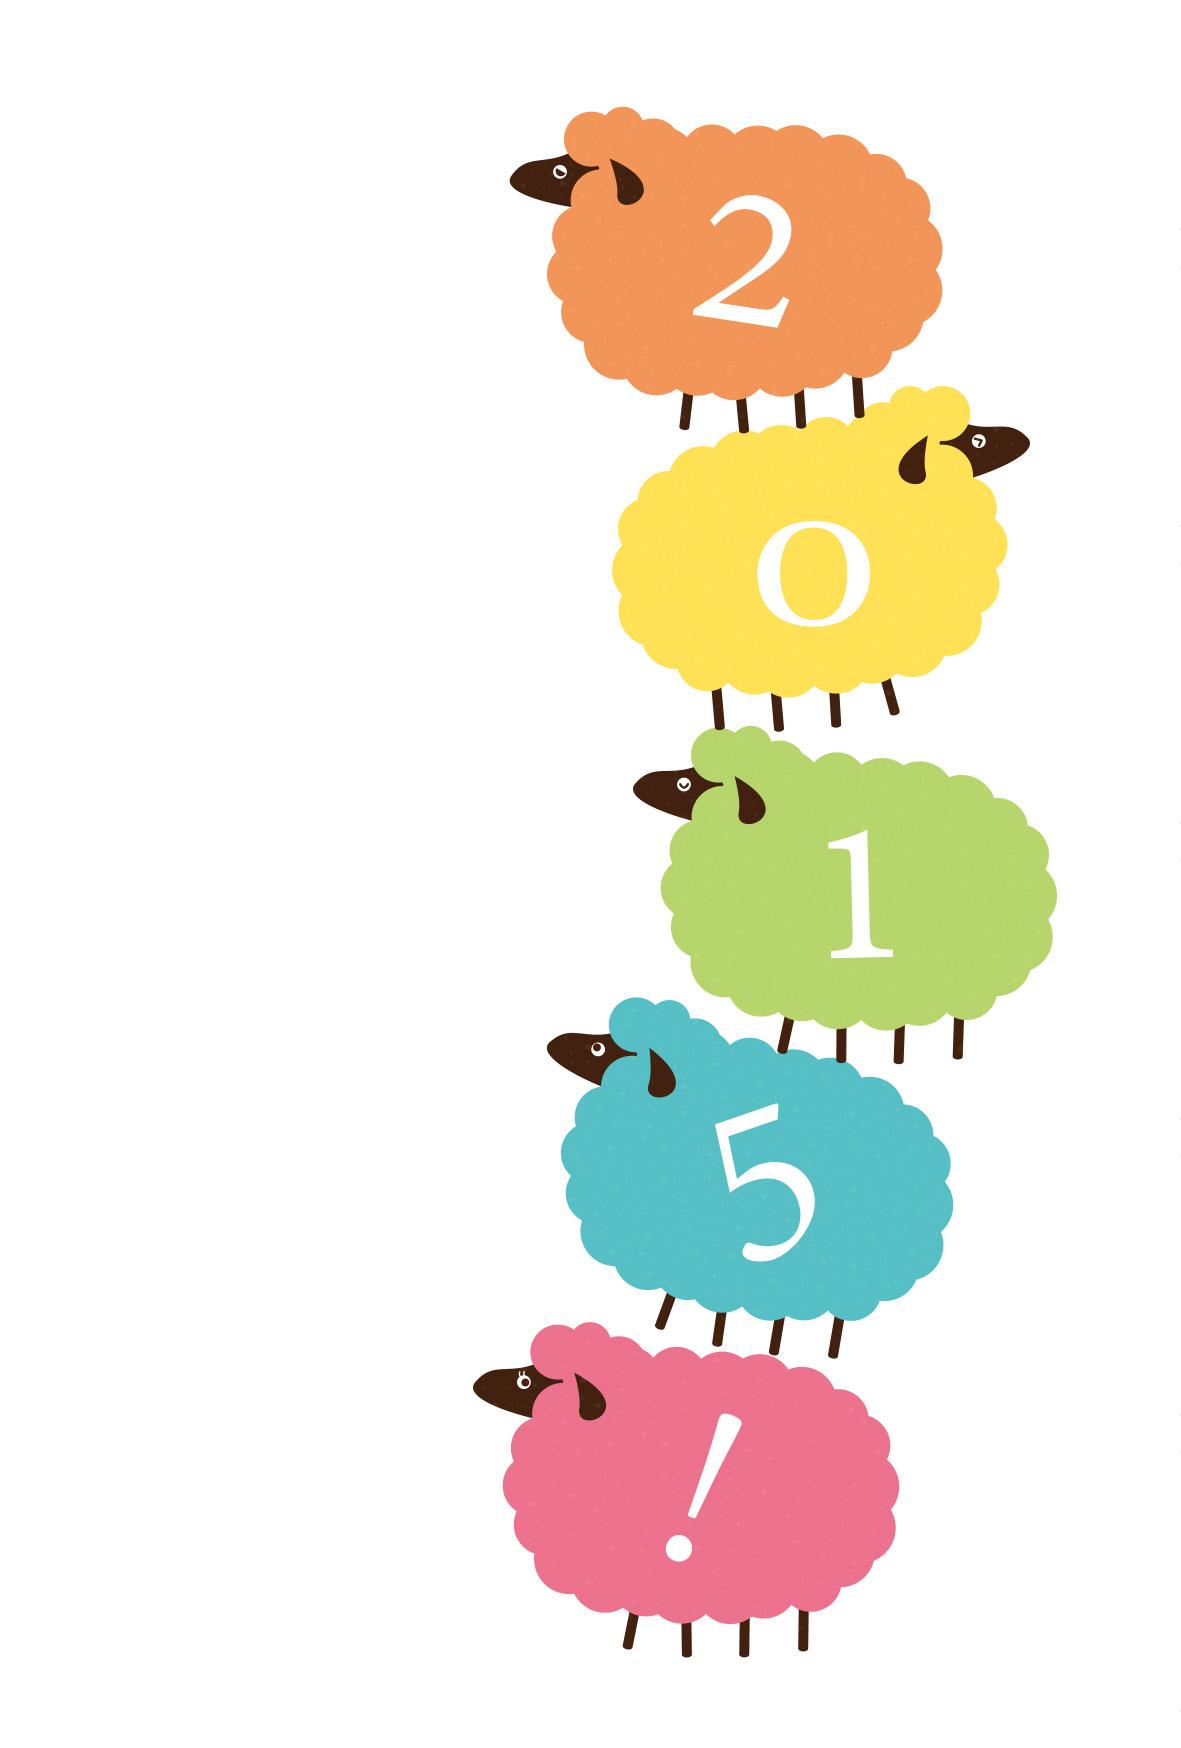 カラフルなひつじ 年賀状15無料イラスト素材集